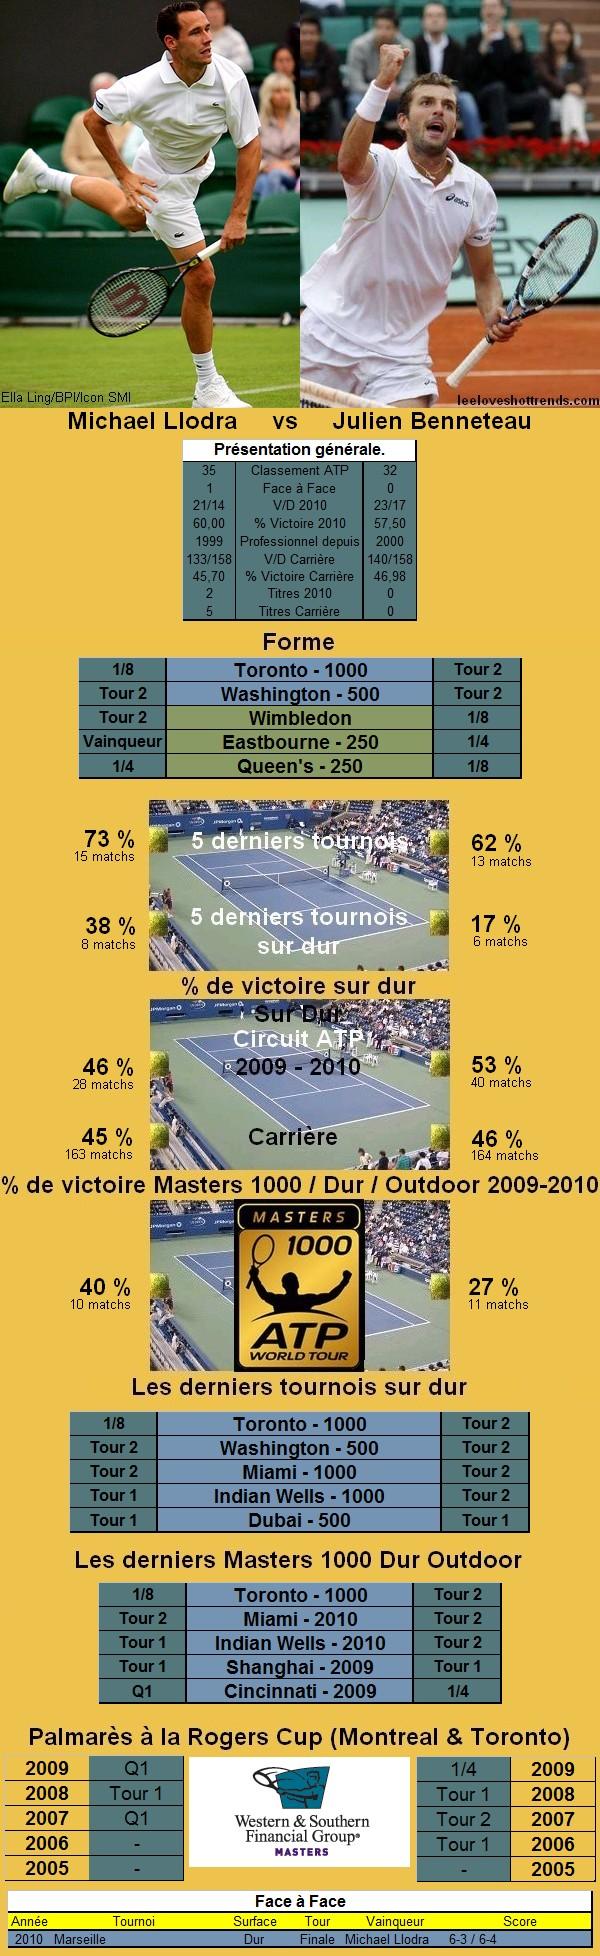 Statistiques tennis de Llodra contre Benneteau à Cincinnati